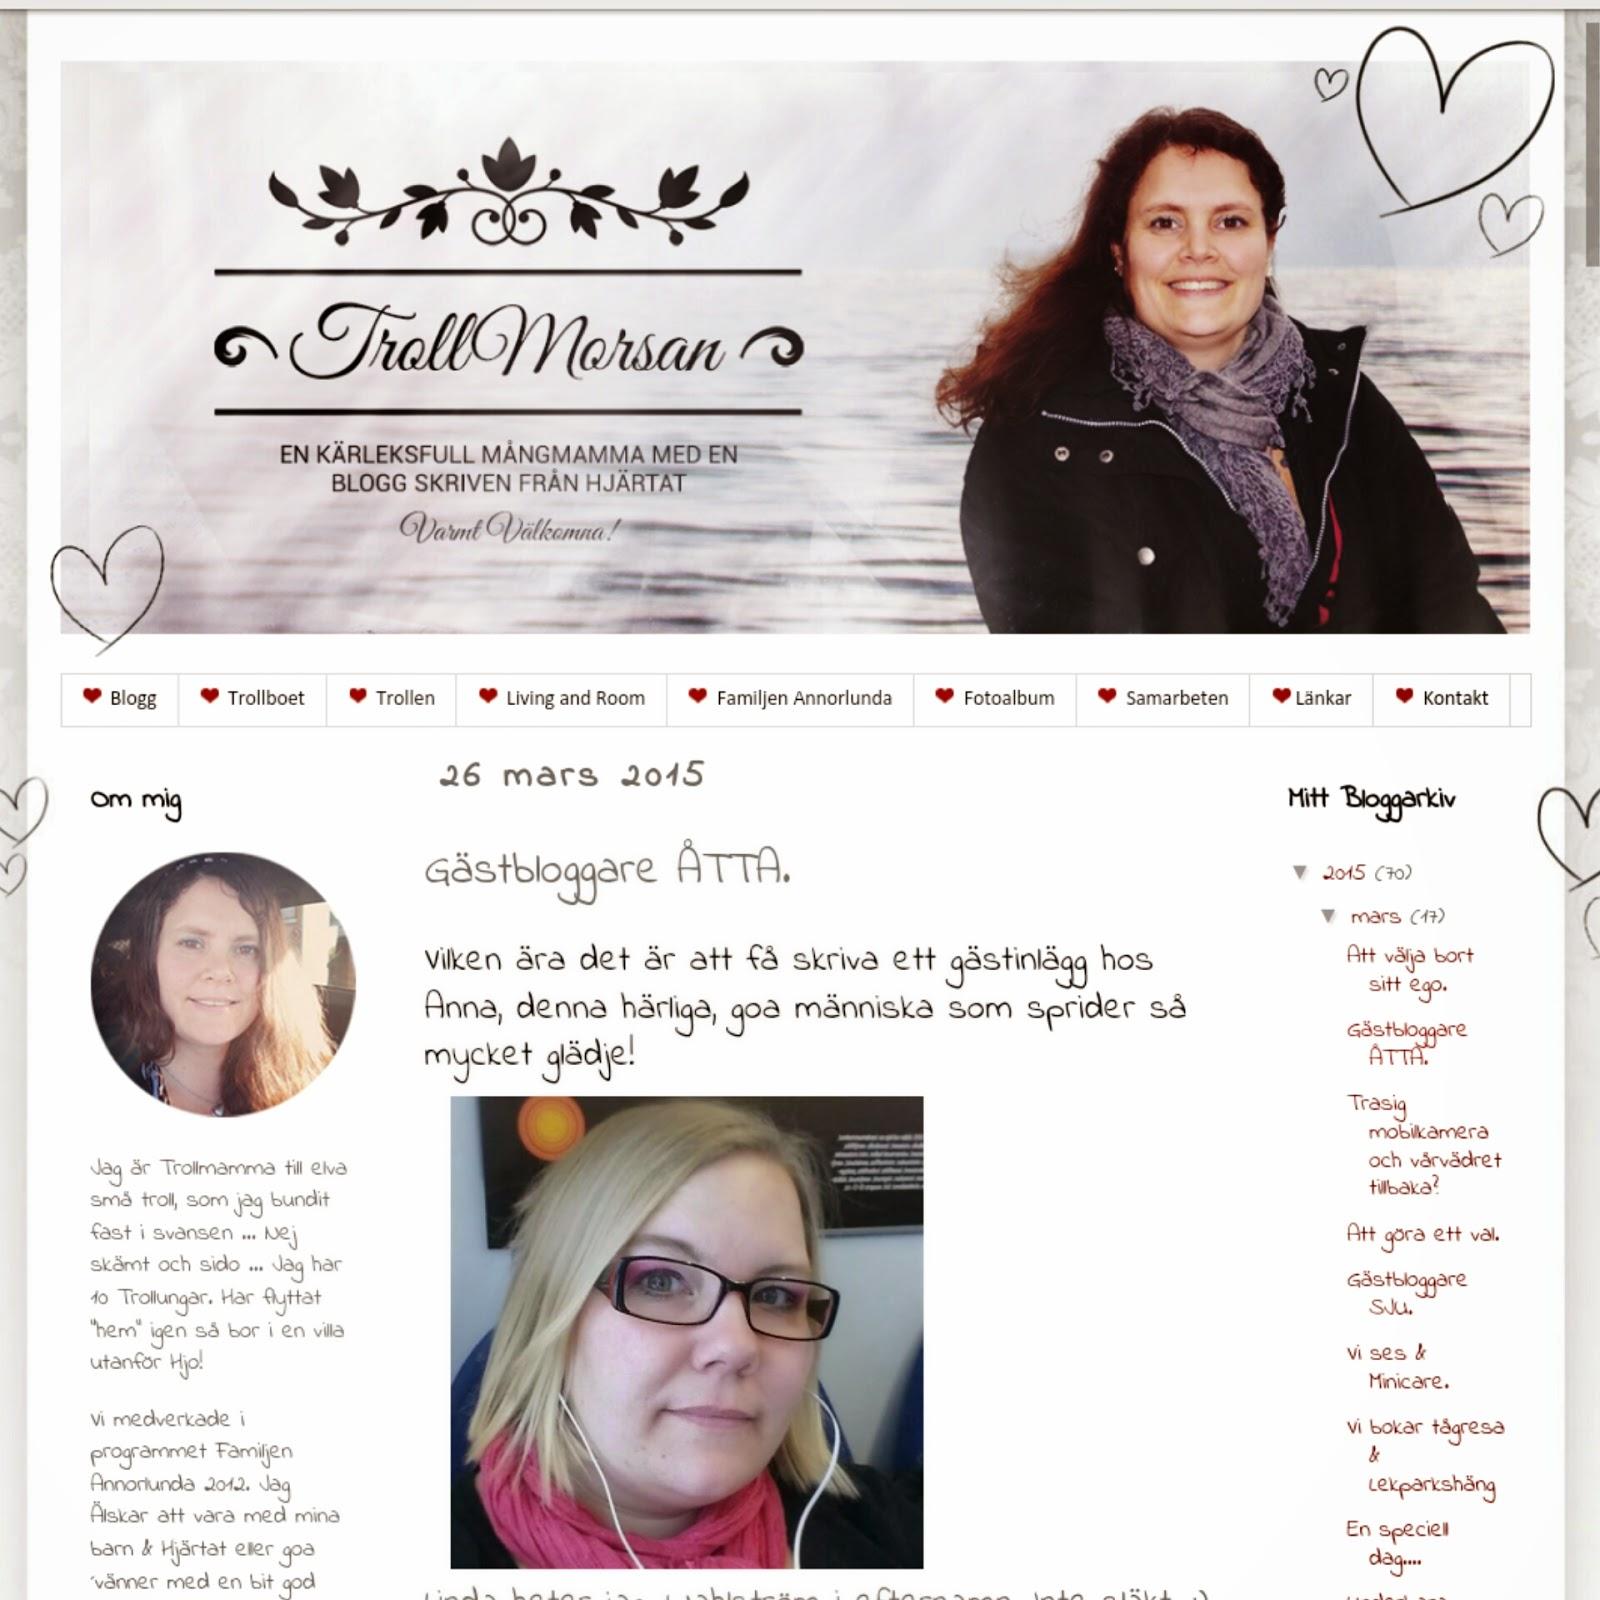 5b39157cbcb6 Jag gästbloggar inne hos härliga Anna om livet som student. Klicka här för  att läsa!